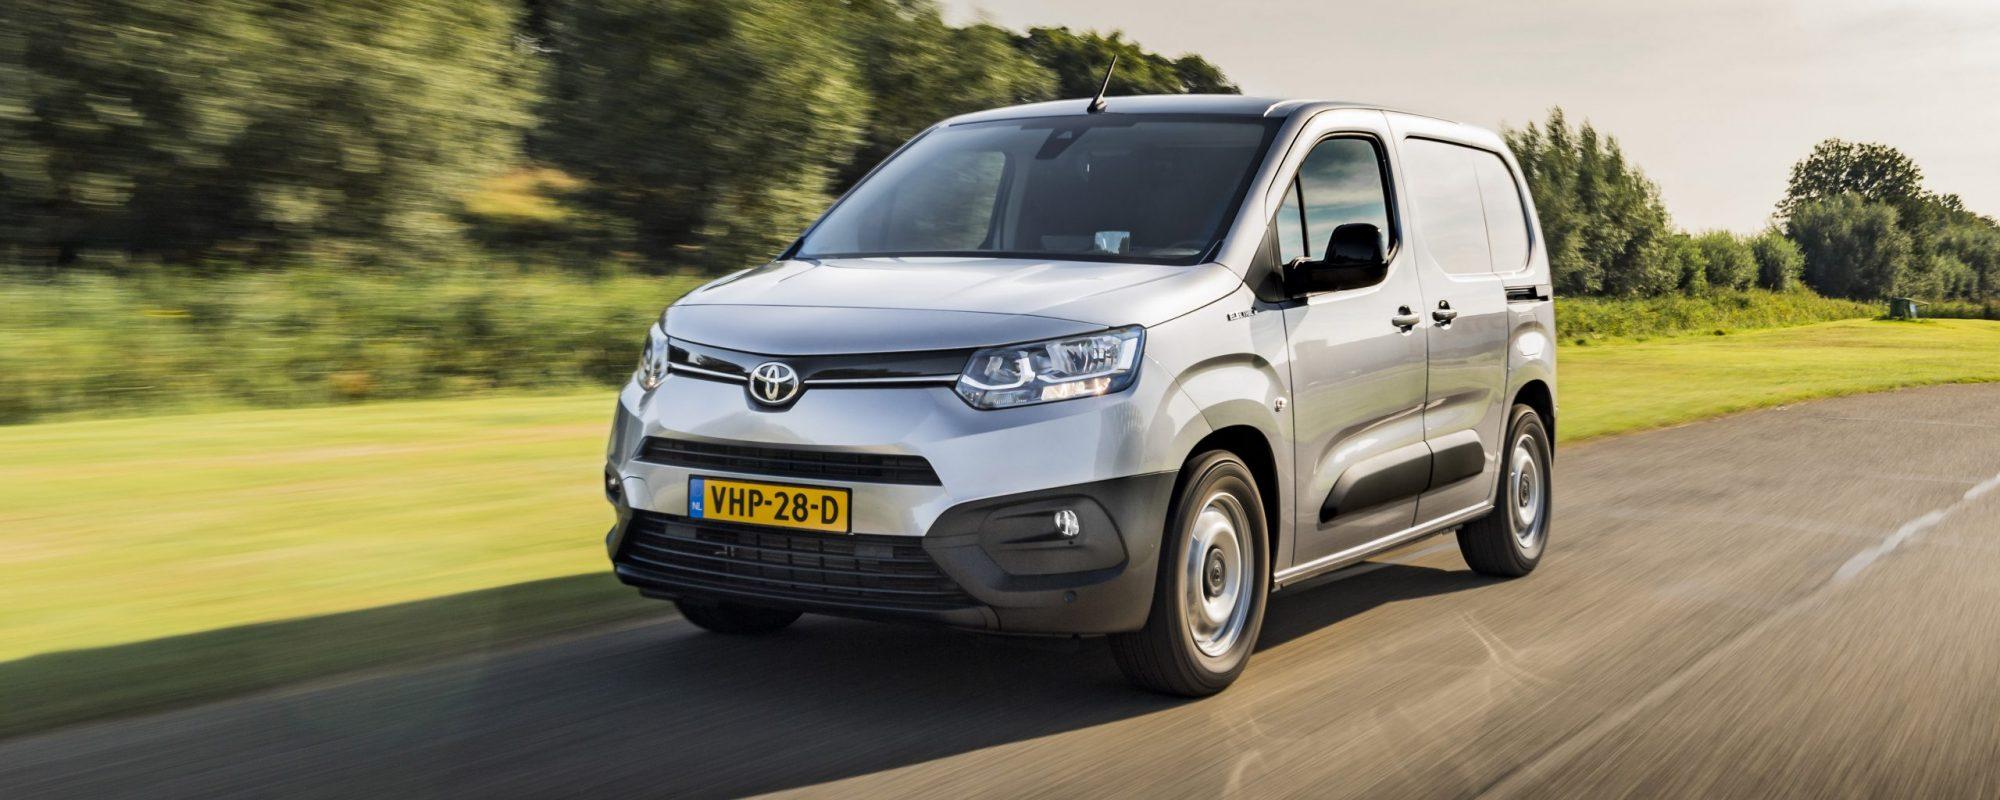 Toyota maakt prijzen Proace City Electric bekend: vanaf 25.995 euro, excl. btw